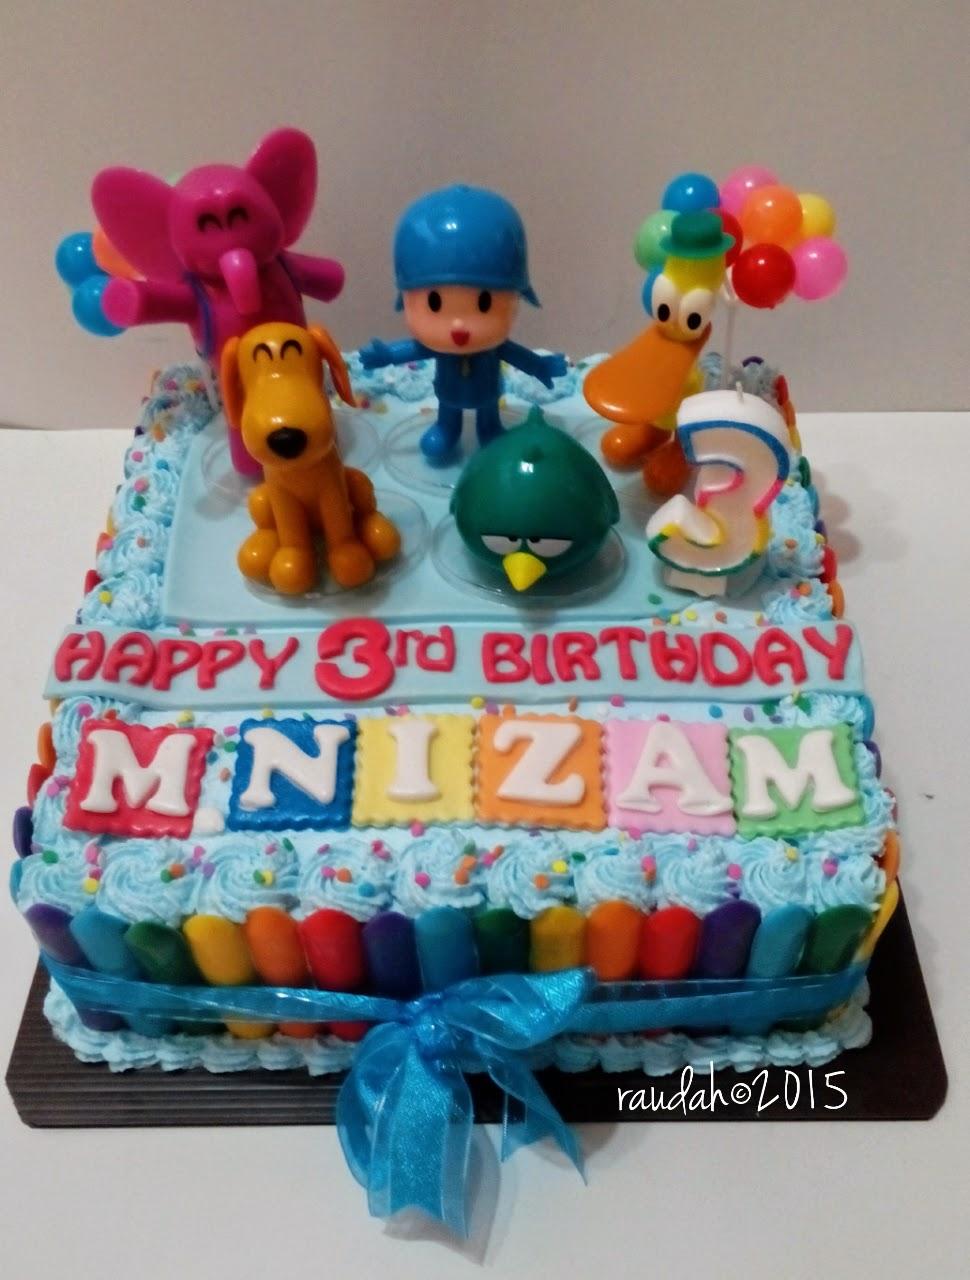 Dapur Cake Dan Cookies Pocoyo Birthday Cake For Nizam